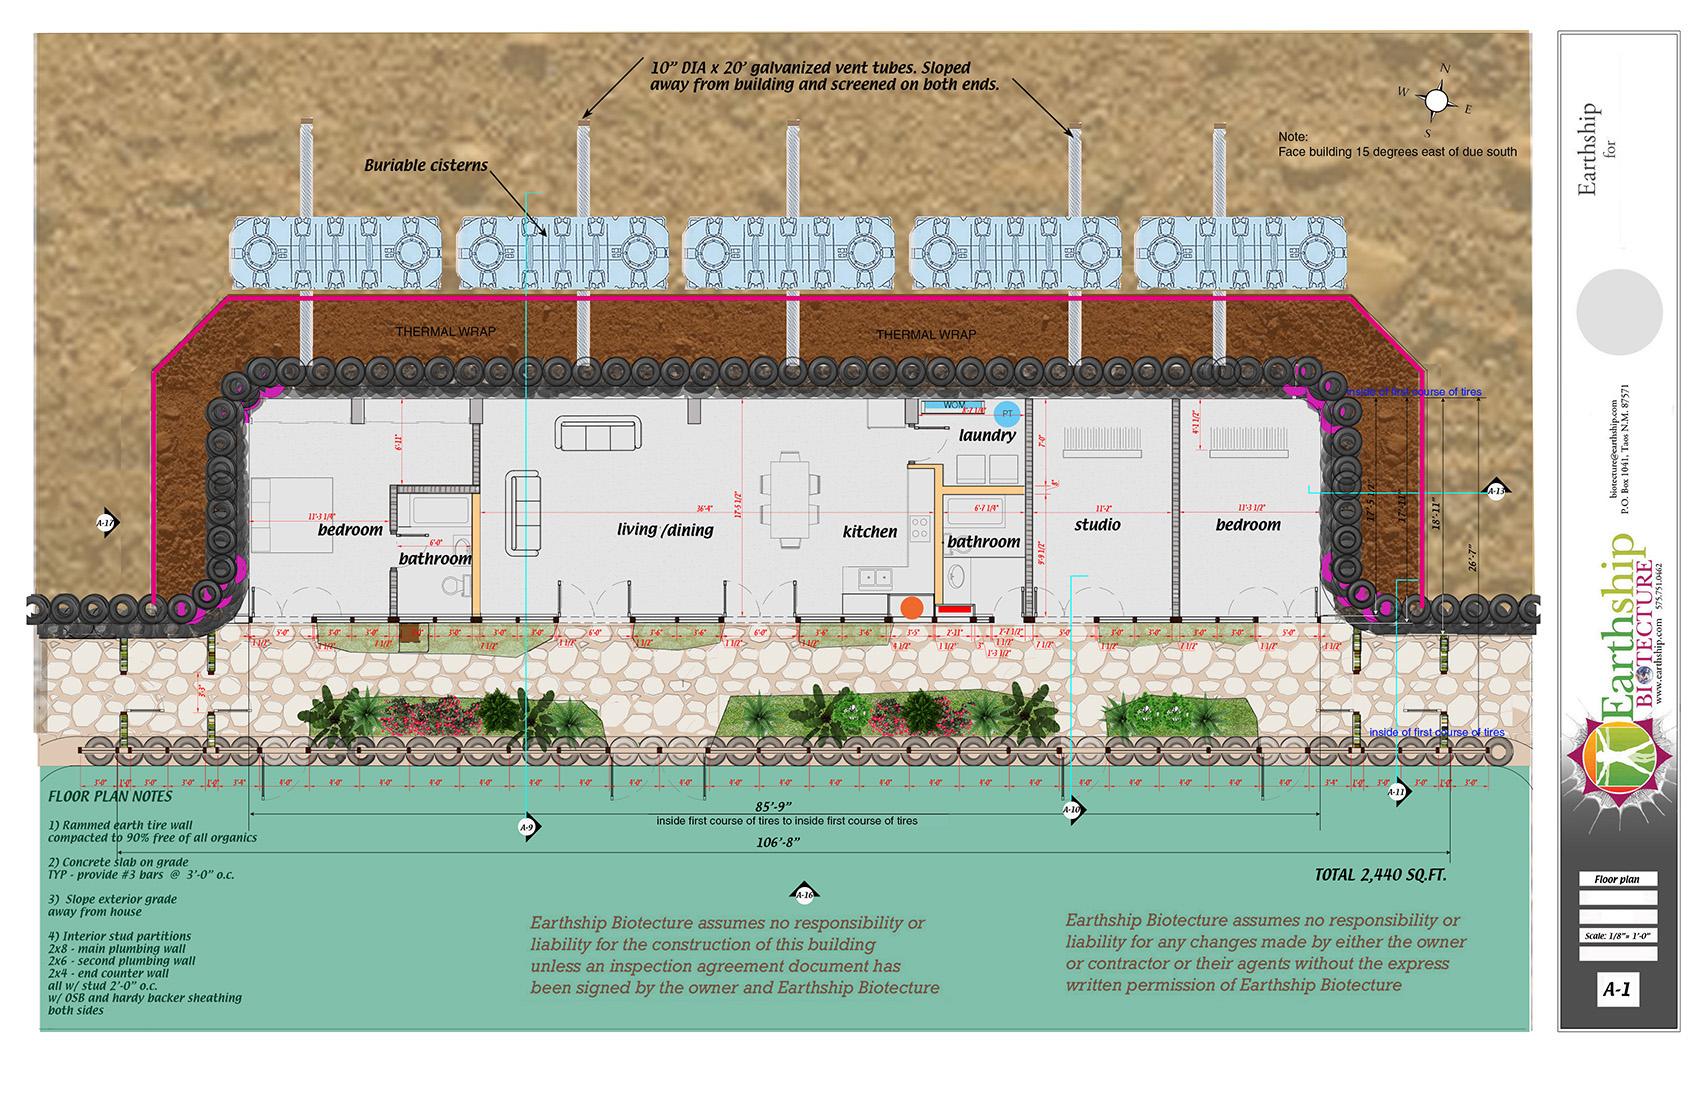 3 BEDROOMS/ 2 BATHROOMS/ WIDE GREENHOUSE